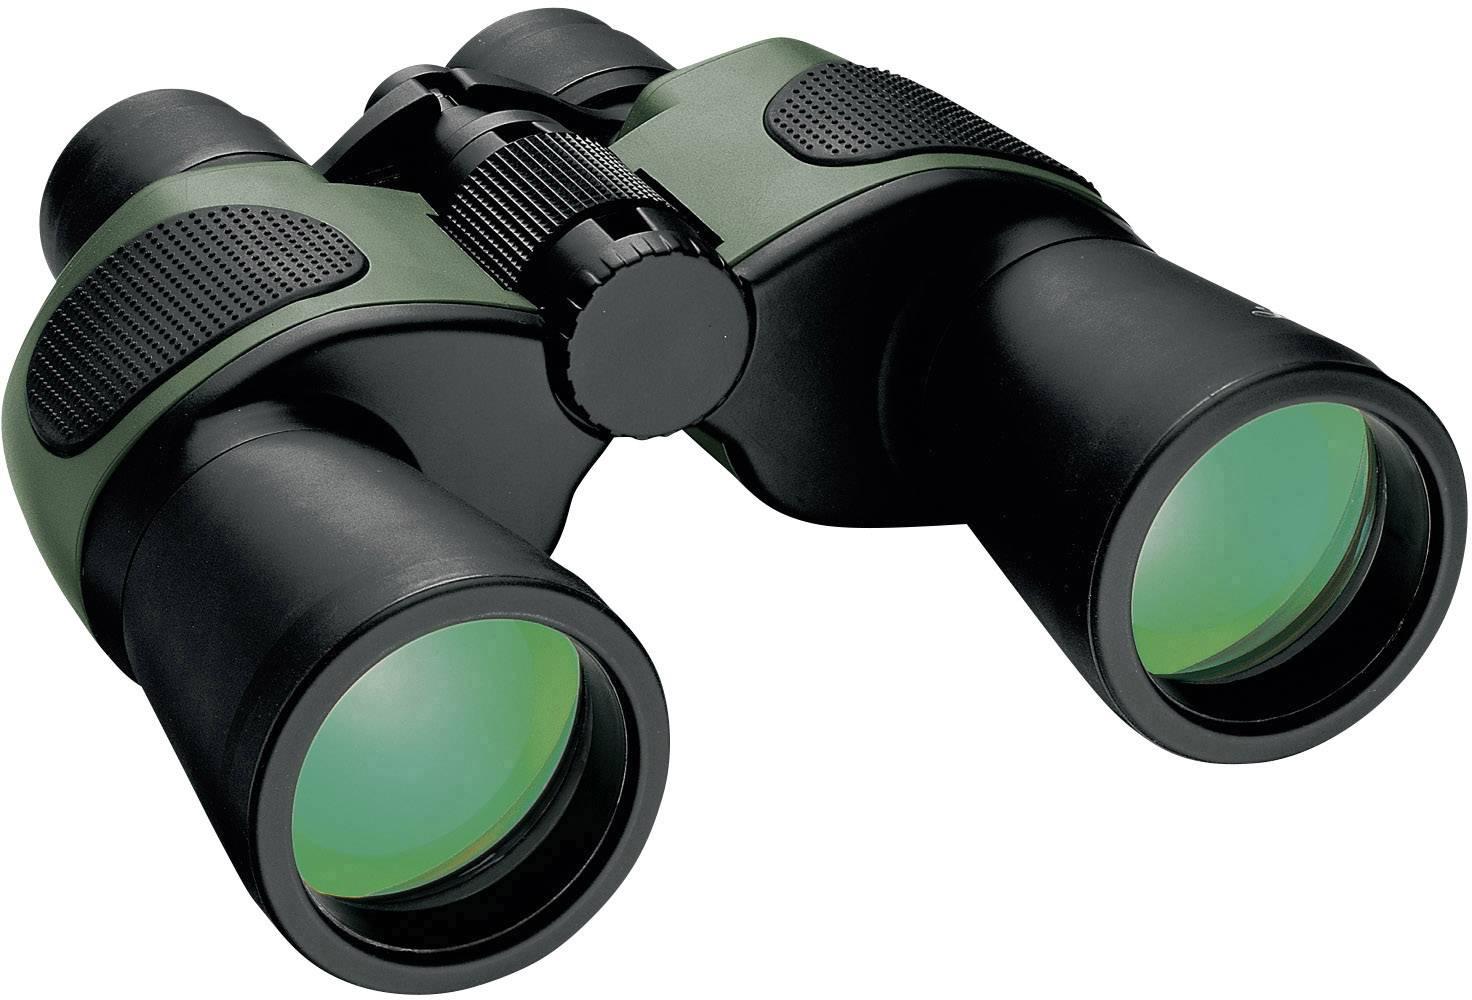 Zoom fernglas luger zv bis mm schwarz grün kaufen